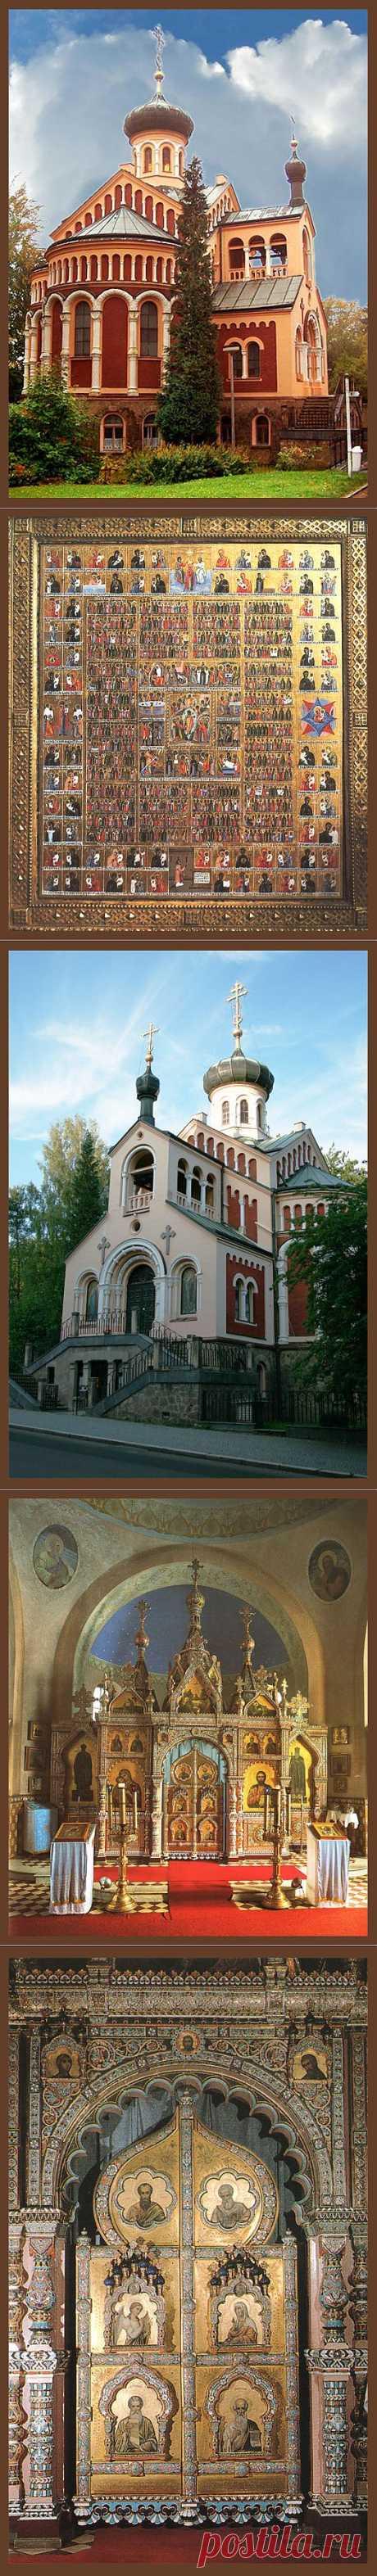 Церковь Св. Владимира в Марианске-Лазне в Чехии.